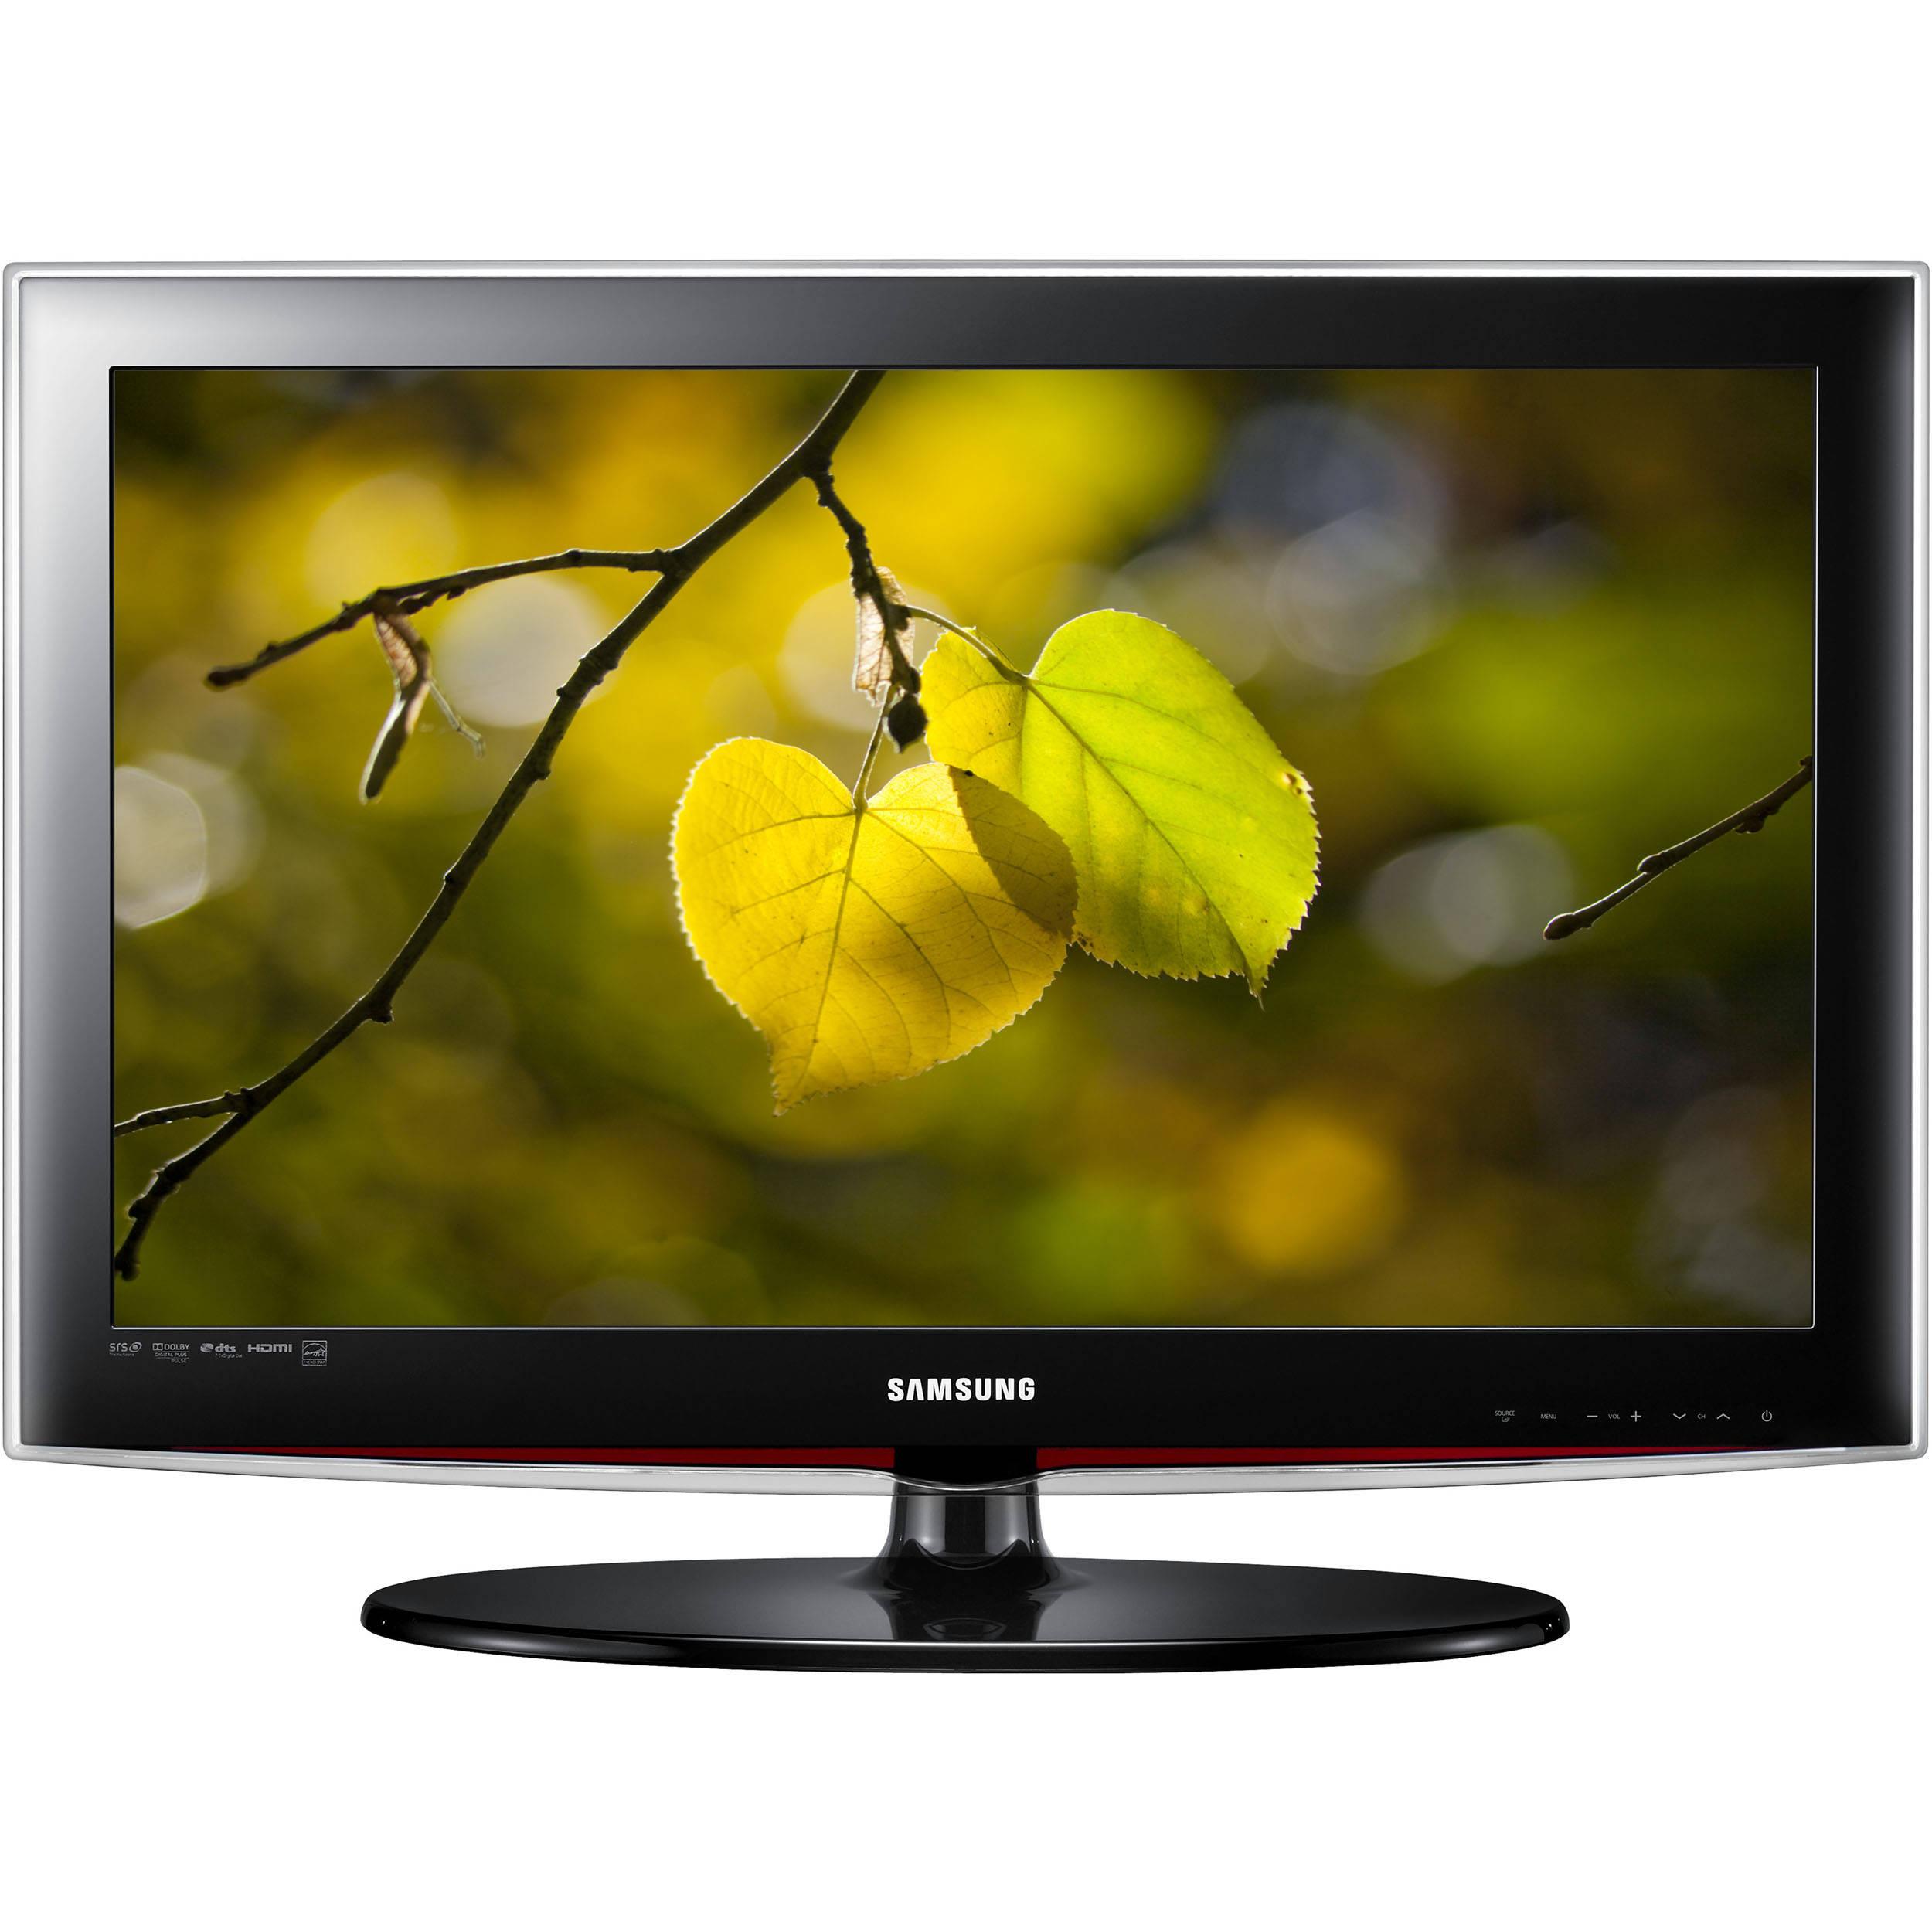 Image result for samsung 32 inch digital tv